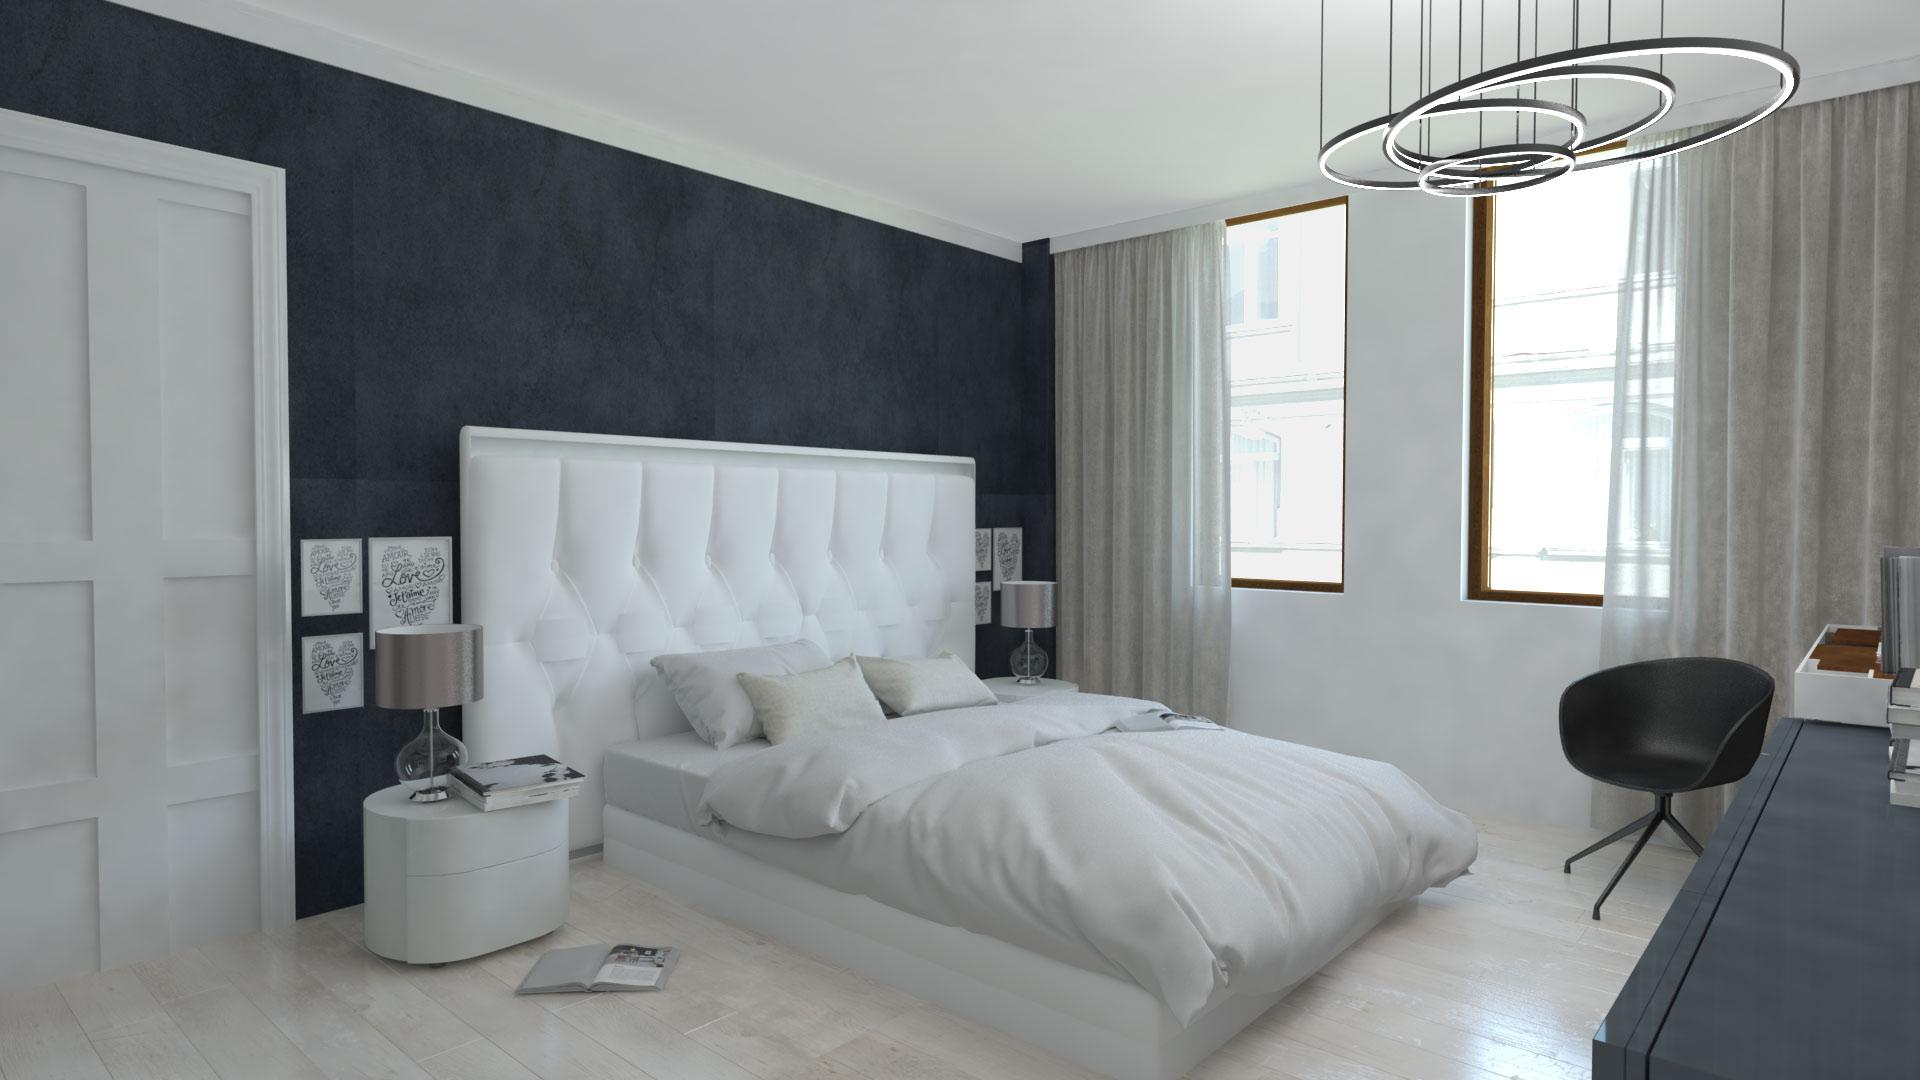 amenajare_interioara_dormitor4